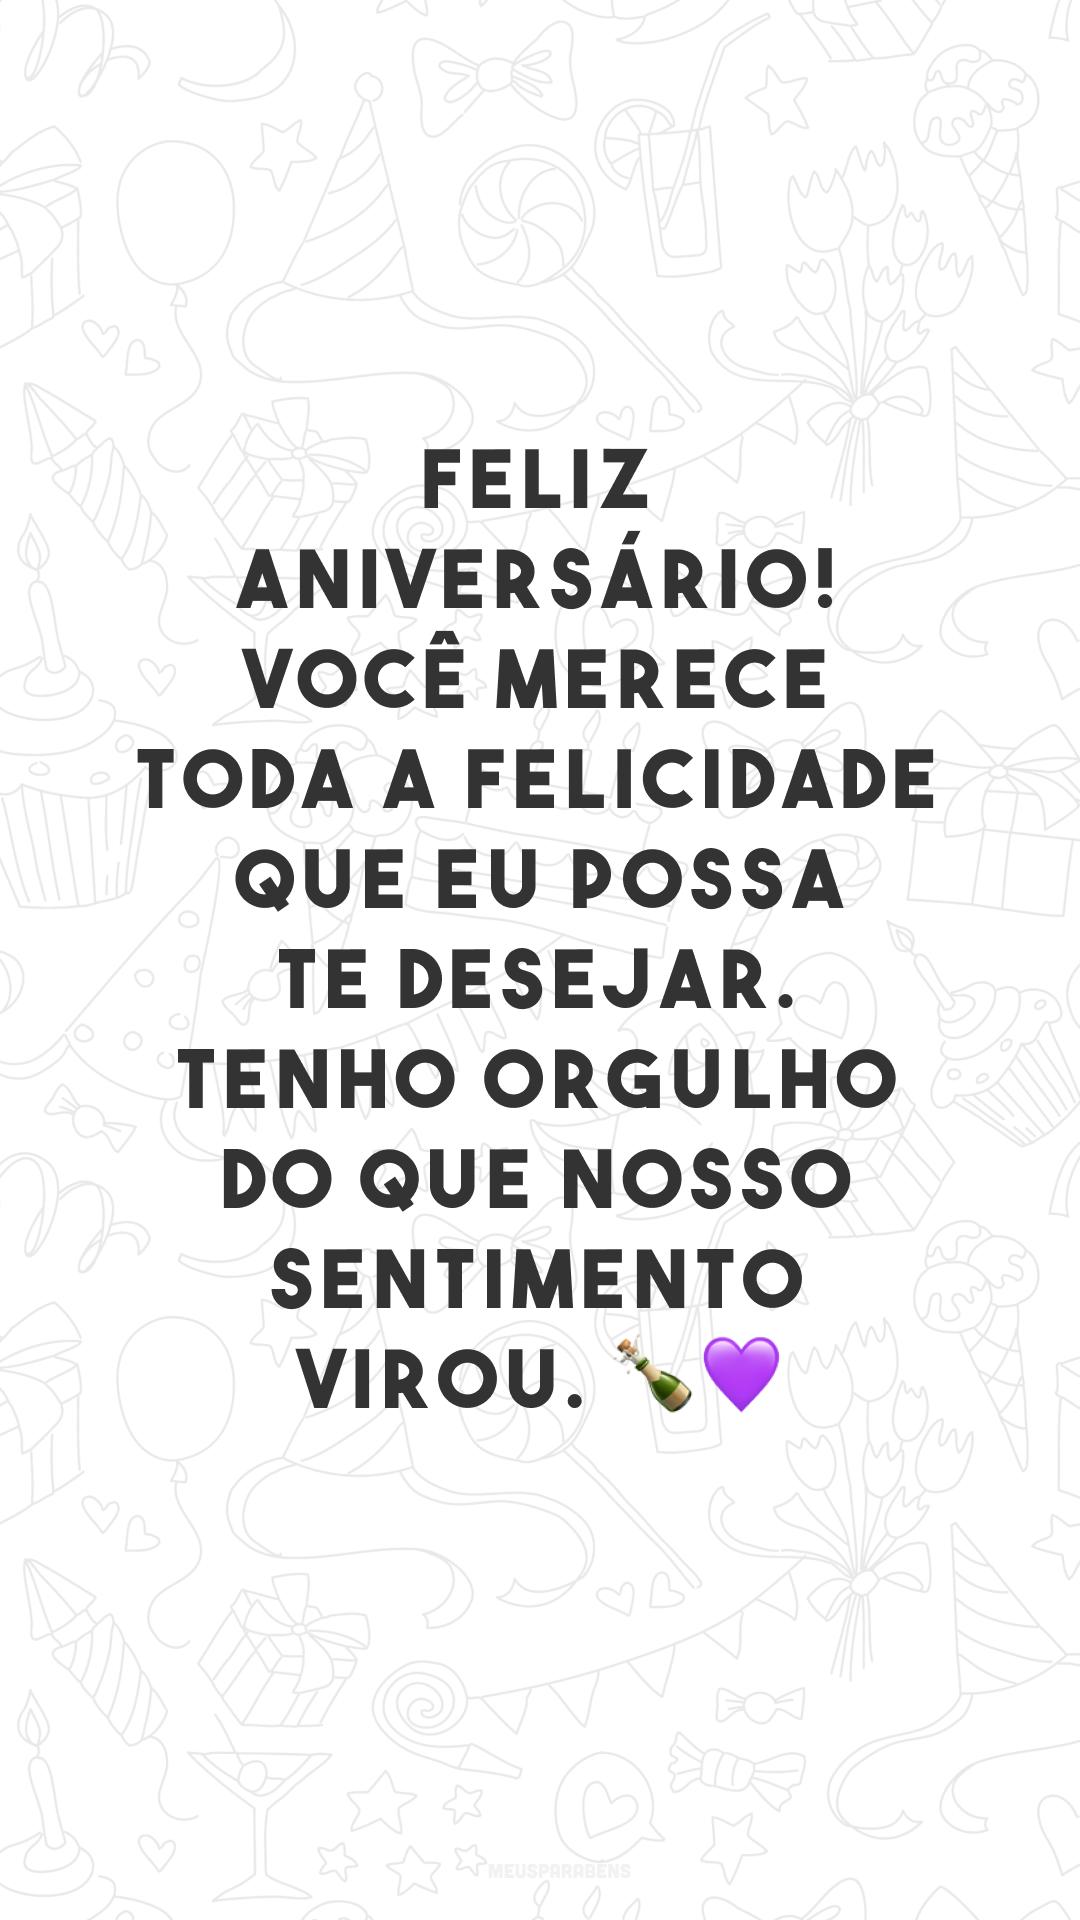 Feliz aniversário! Você merece toda a felicidade que eu possa te desejar. Tenho orgulho do que nosso sentimento virou. 🍾💜